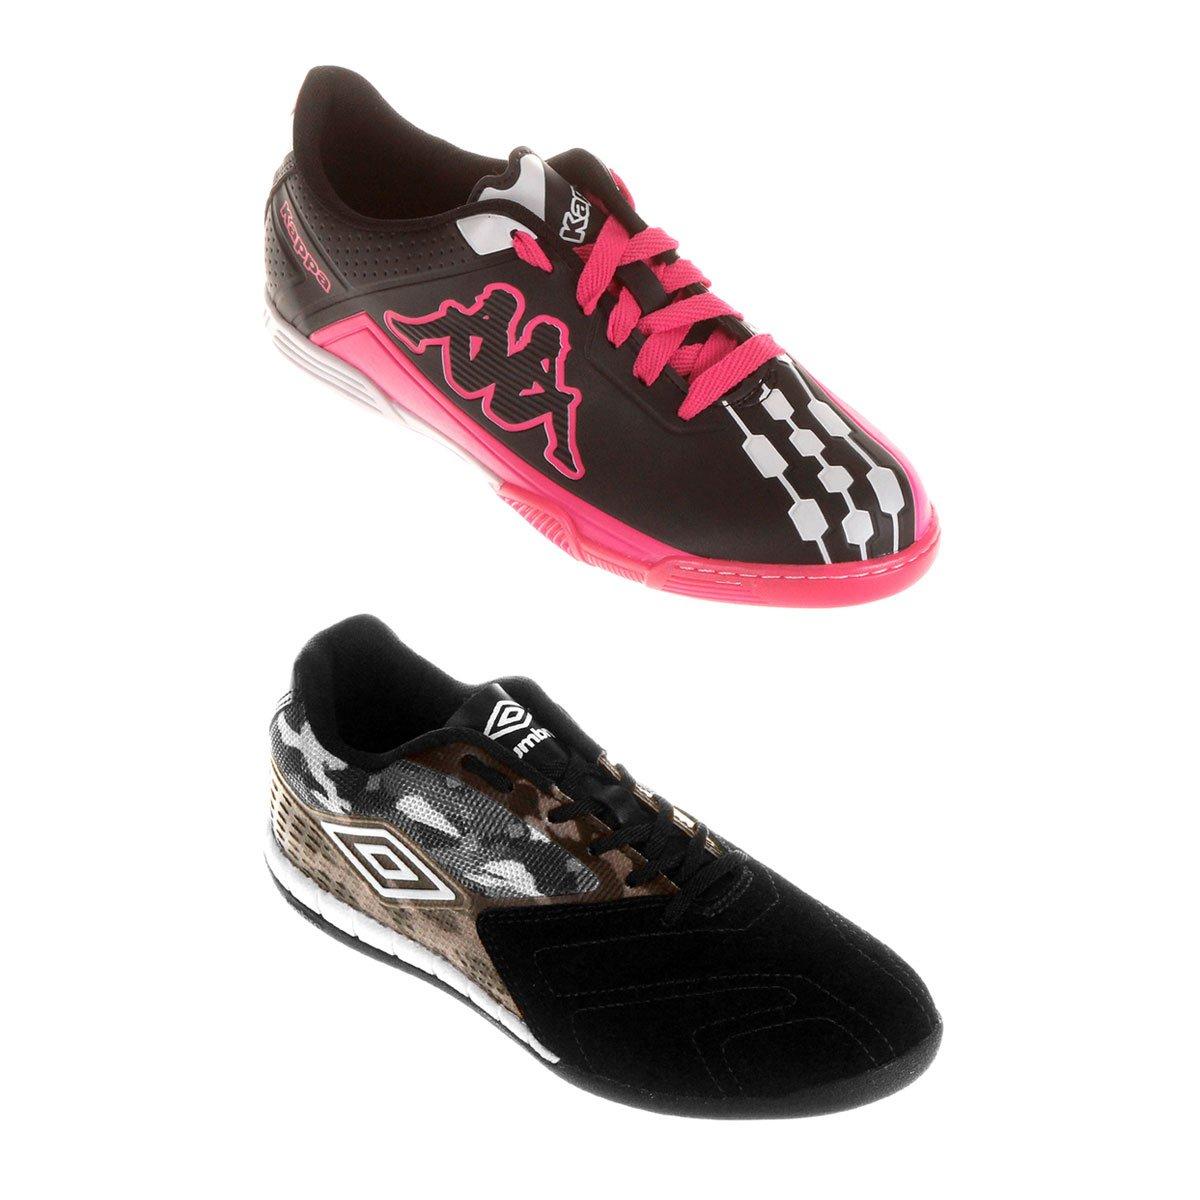 90a608c35c Kit Chuteira Umbro Trick Futsal + Chuteira Kappa Brava Futsal - Compre Agora